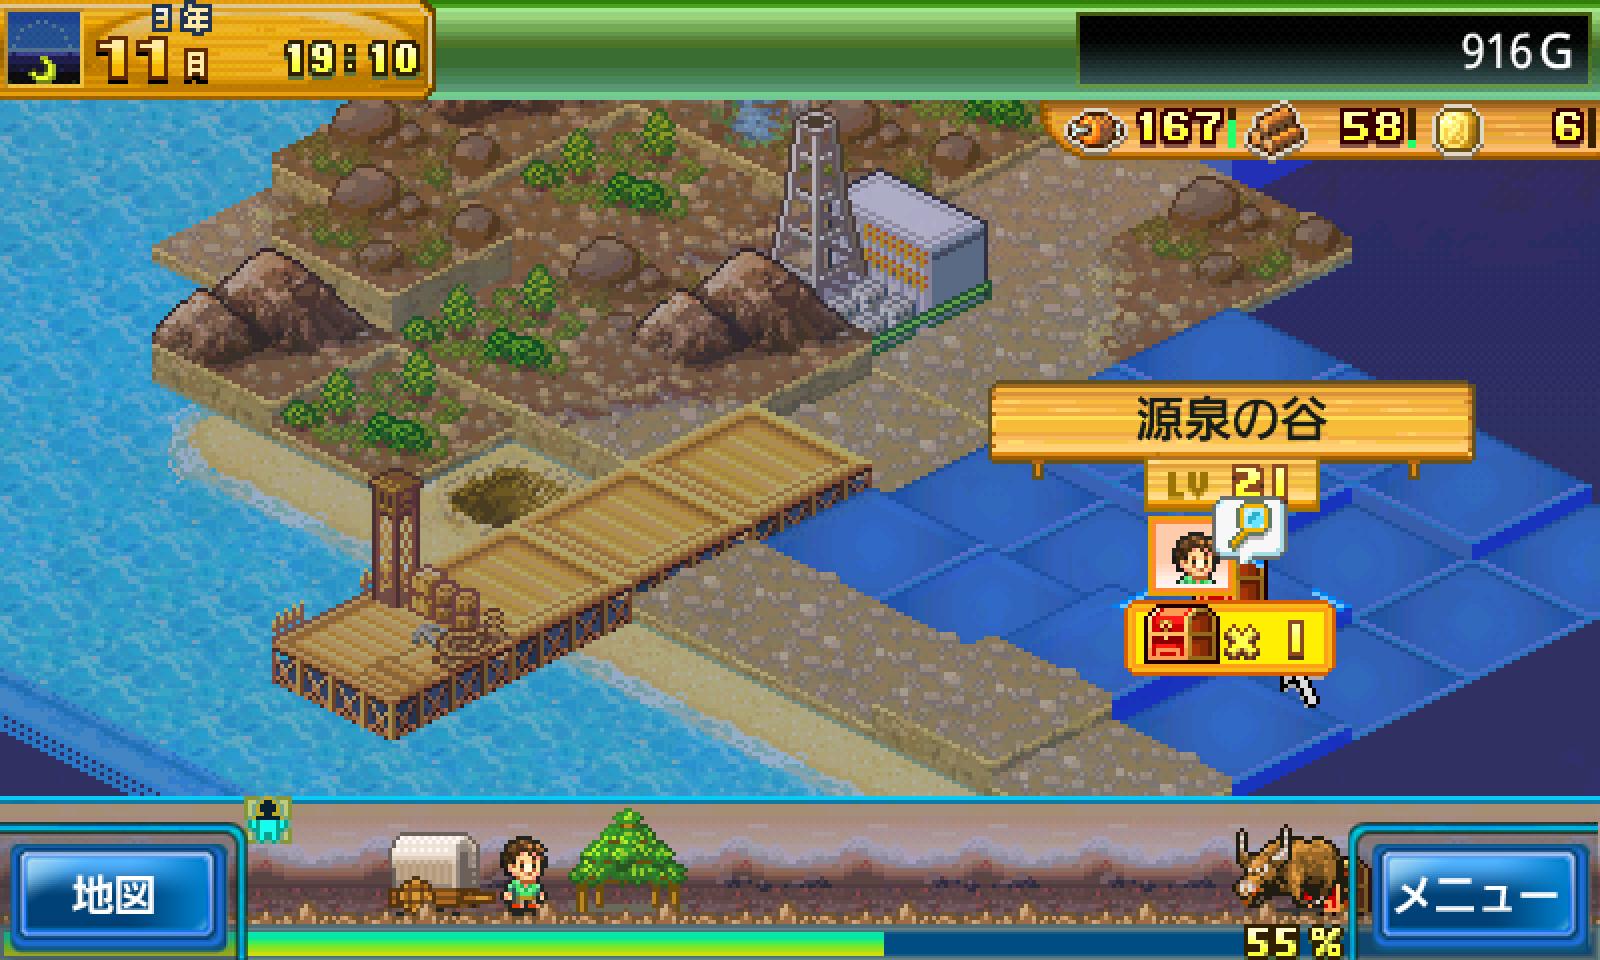 開拓サバイバル島 screenshot #15